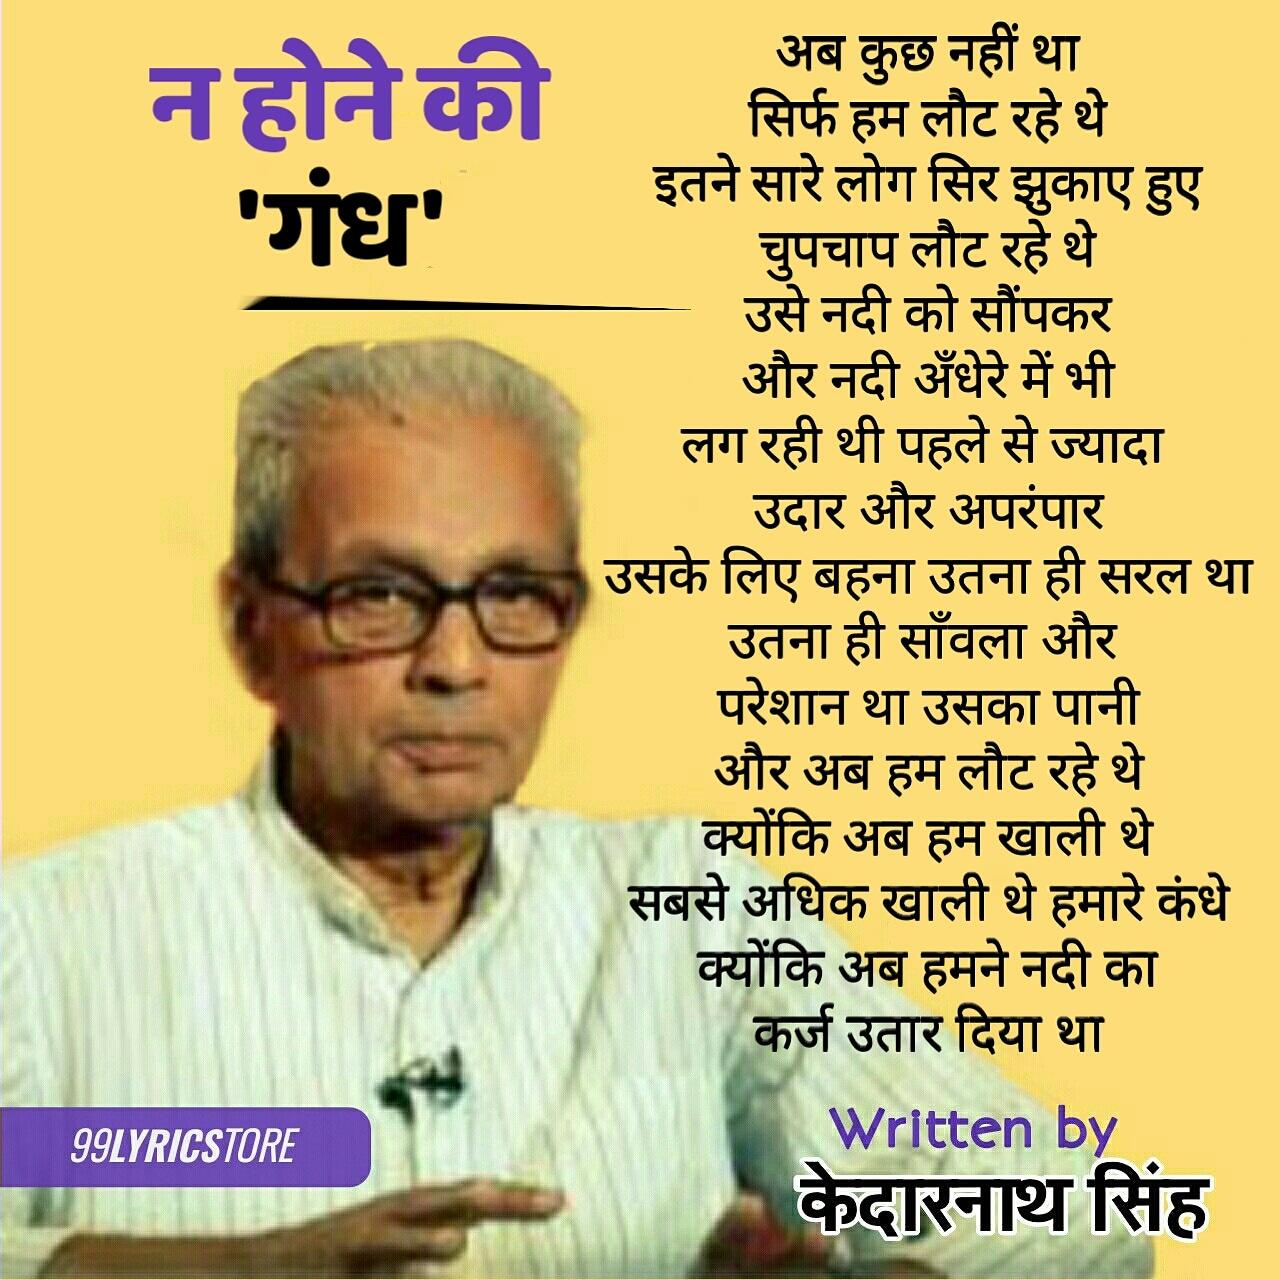 'न होने की गंध' कविता केदारनाथ सिंह जी द्वारा लिखी गई एक हिन्दी कविता है। 'न होने की गंध' कविता केदारनाथ सिंह जी द्वारा रचित एक हिन्दी कविता  है जो 'अकाल में सारस' नामक कविता-संग्रह में संकलित हैं।